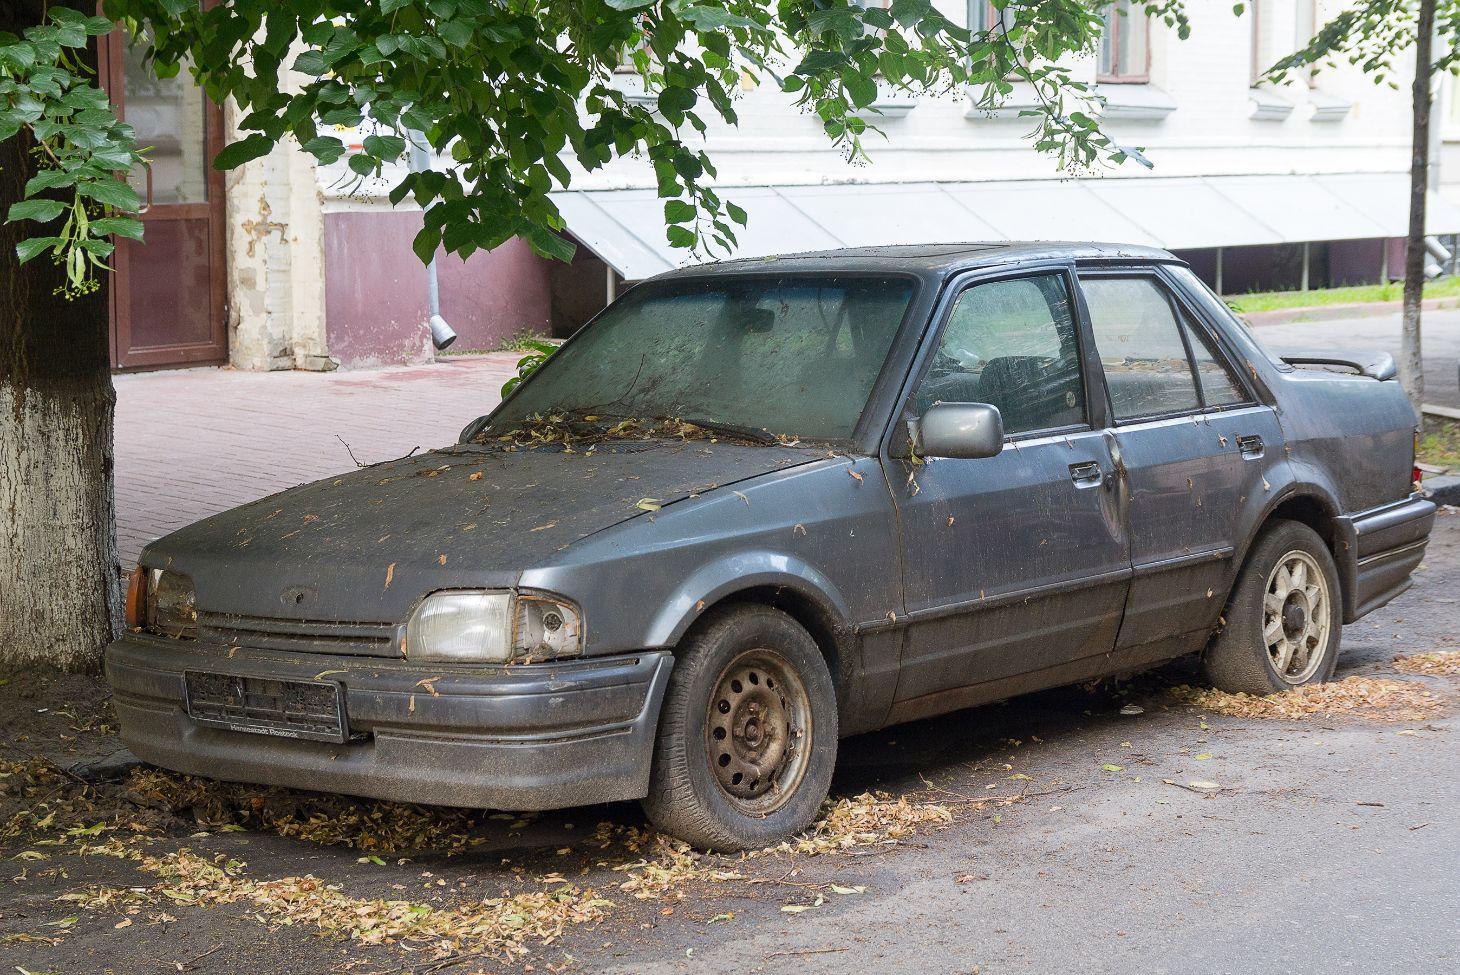 carro abandonado em baixo de arvore na rua ford escort